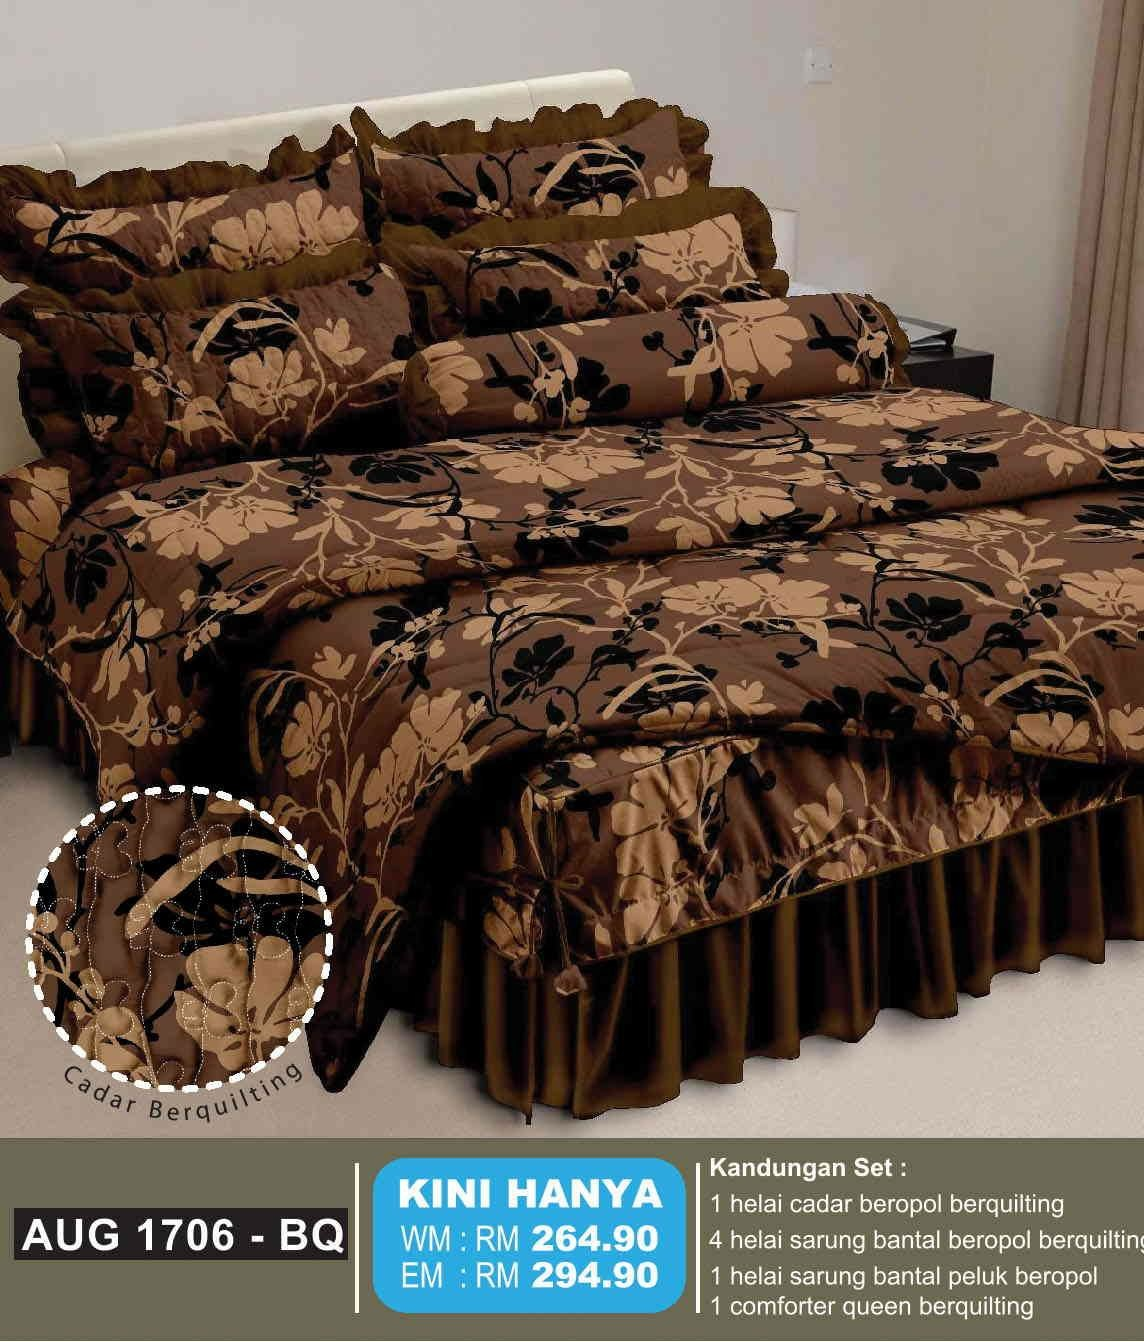 Cadar quilt patchwork murah jakarta